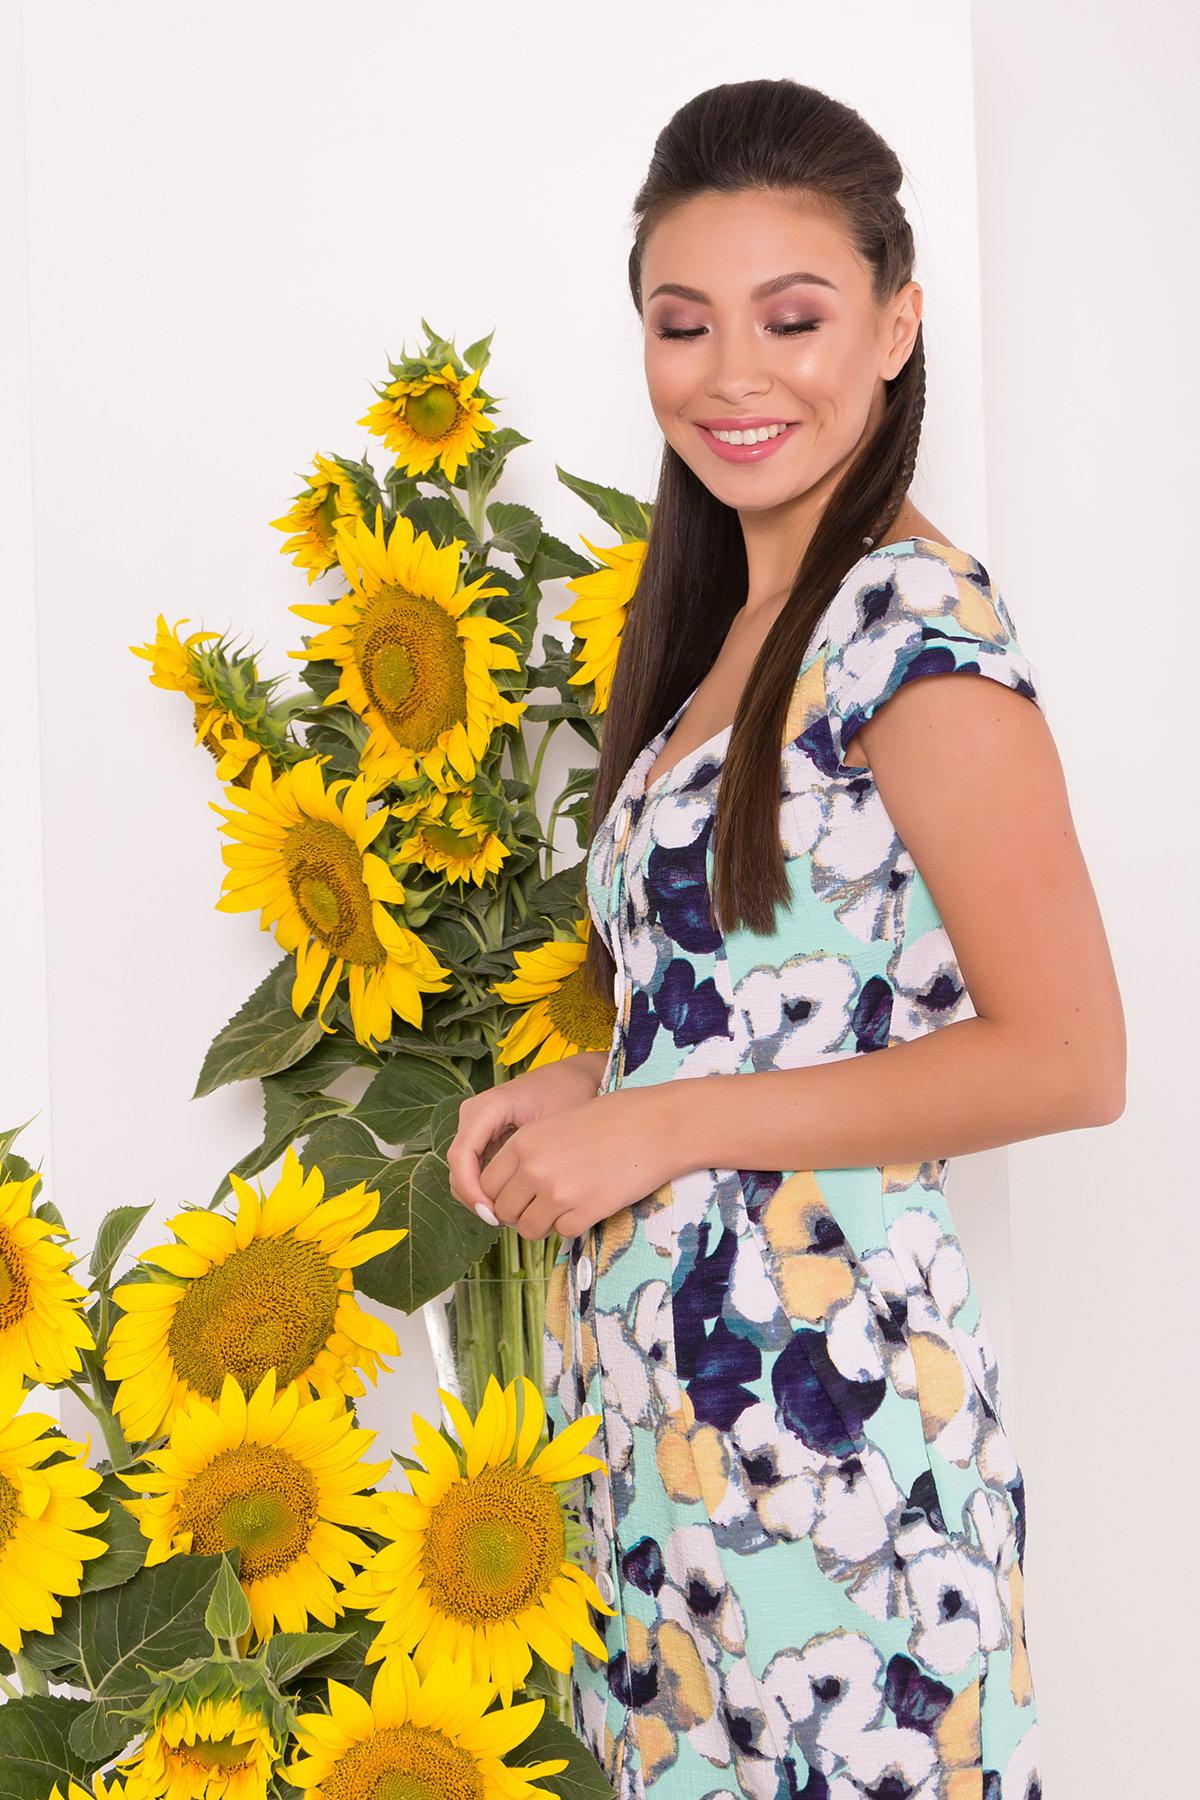 Платье Марсель 7612 АРТ. 43538 Цвет: Ромашка бирюза больш - фото 3, интернет магазин tm-modus.ru